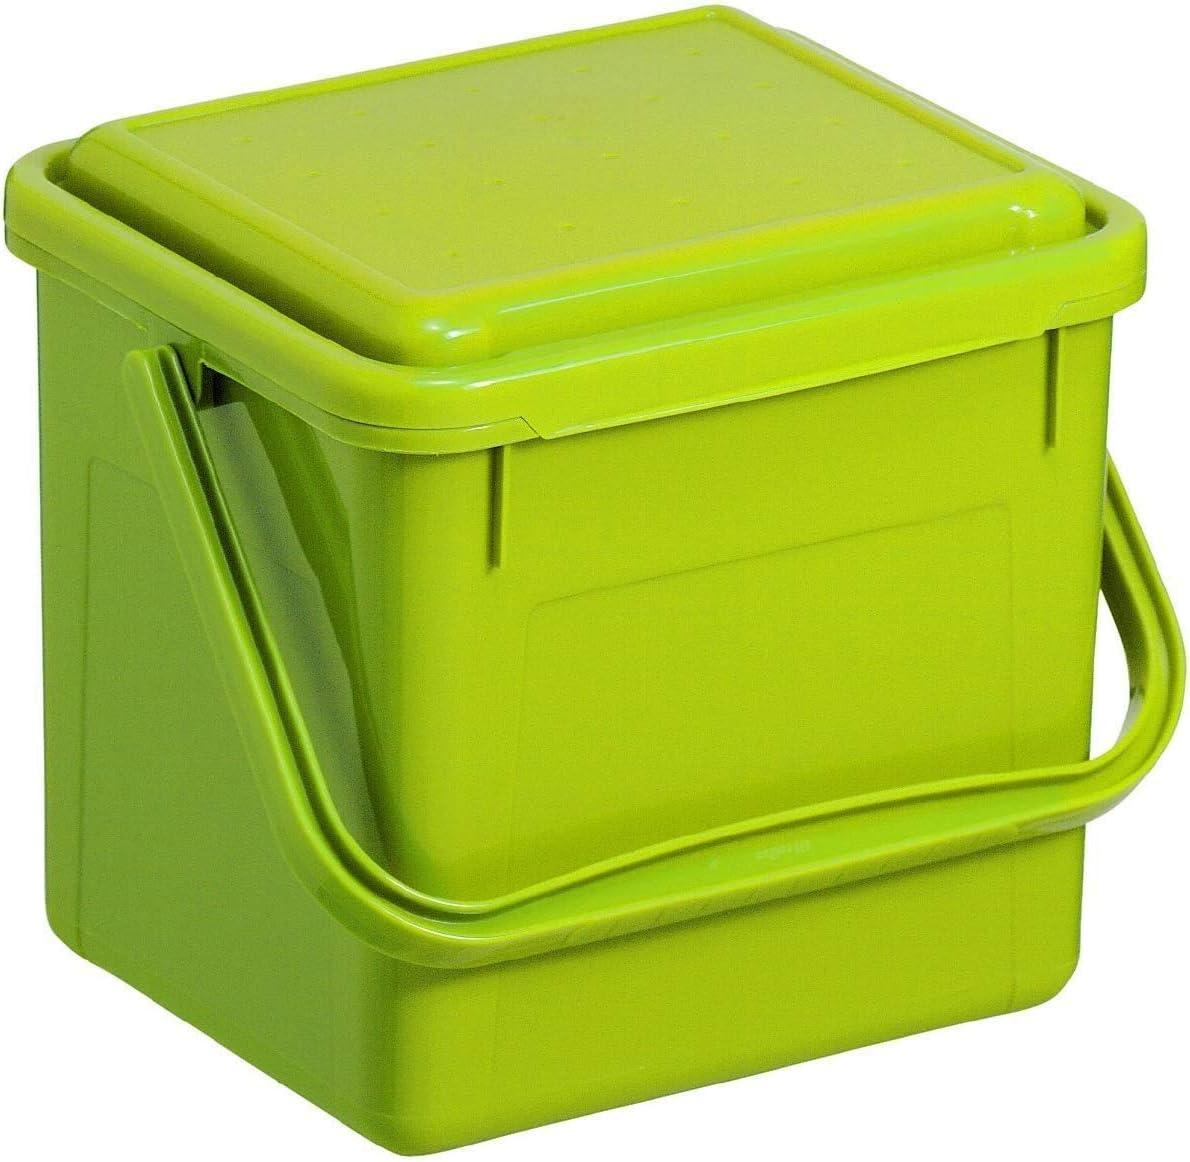 Rotho Bio, Abfallbehälter für die Küche aus Kunststoff mit geruchsdichtem Deckel in hellgrün, Biomülleimer mit 5 Liter Inhalt, ca. 21 x 20 x 18 cm…